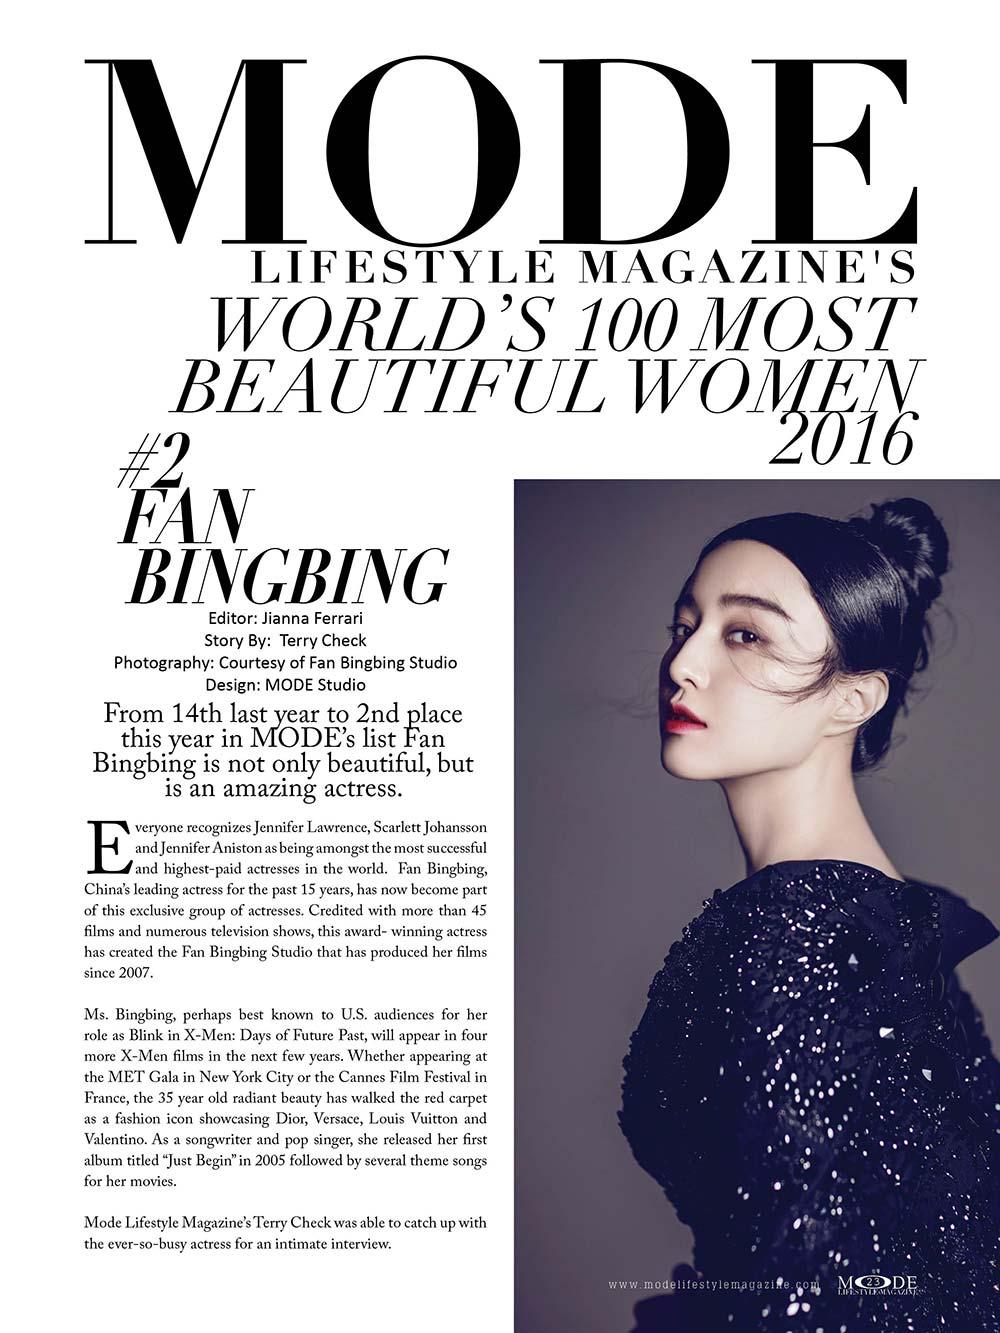 """Fan Bingbing - Award Winning Actress is #2 in """"MODE's World's 100 Most Beautiful Women 2016""""."""